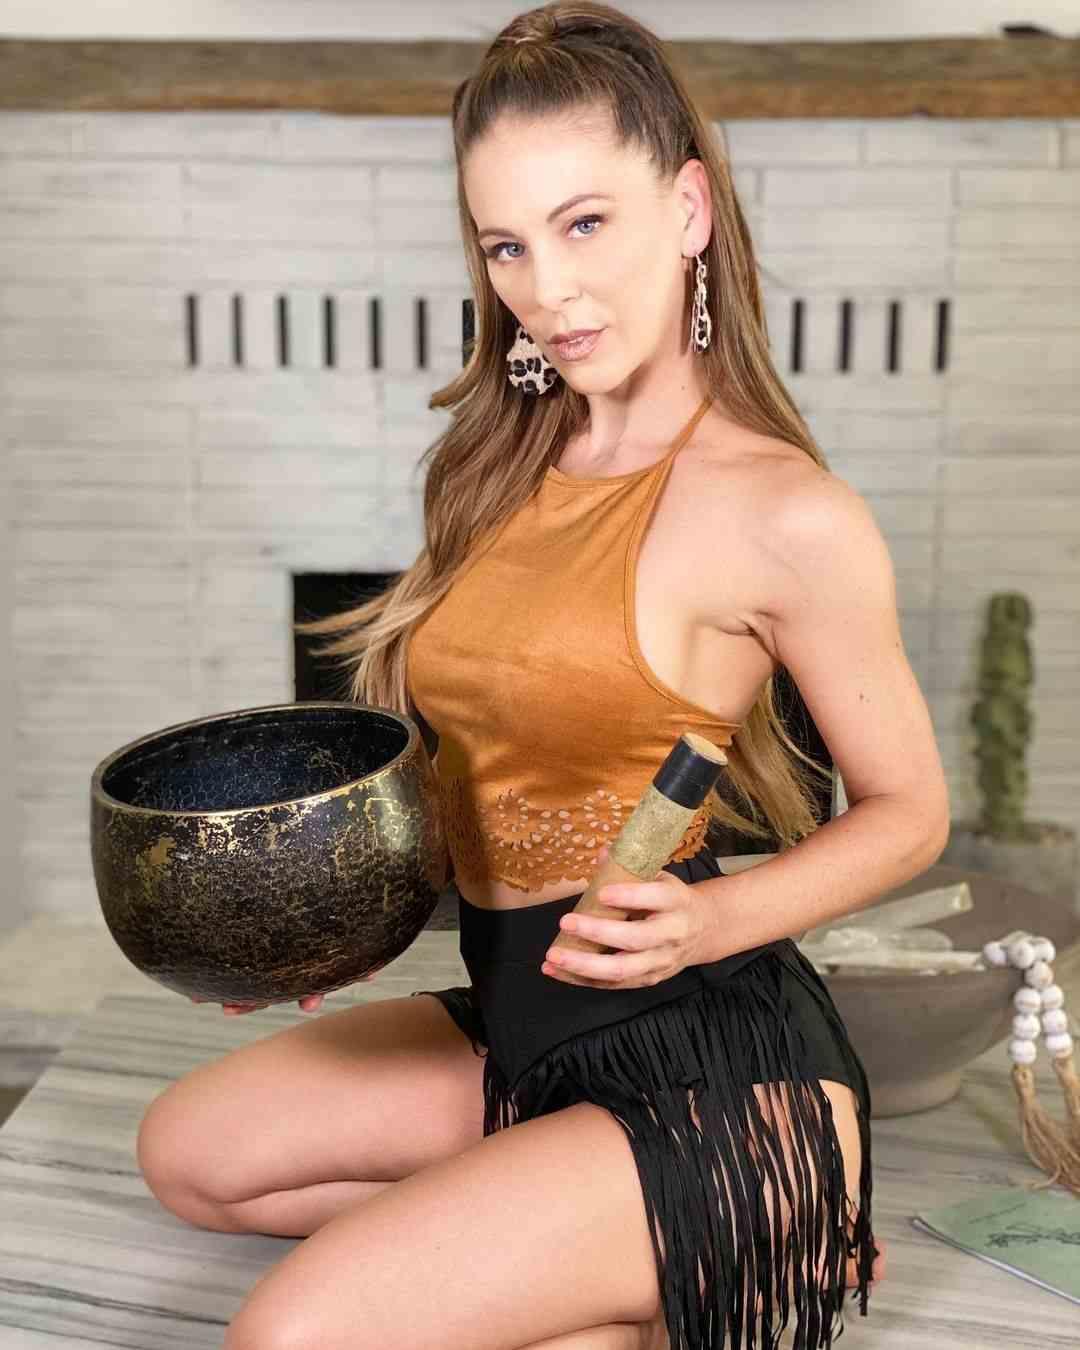 Cherie Deville Images